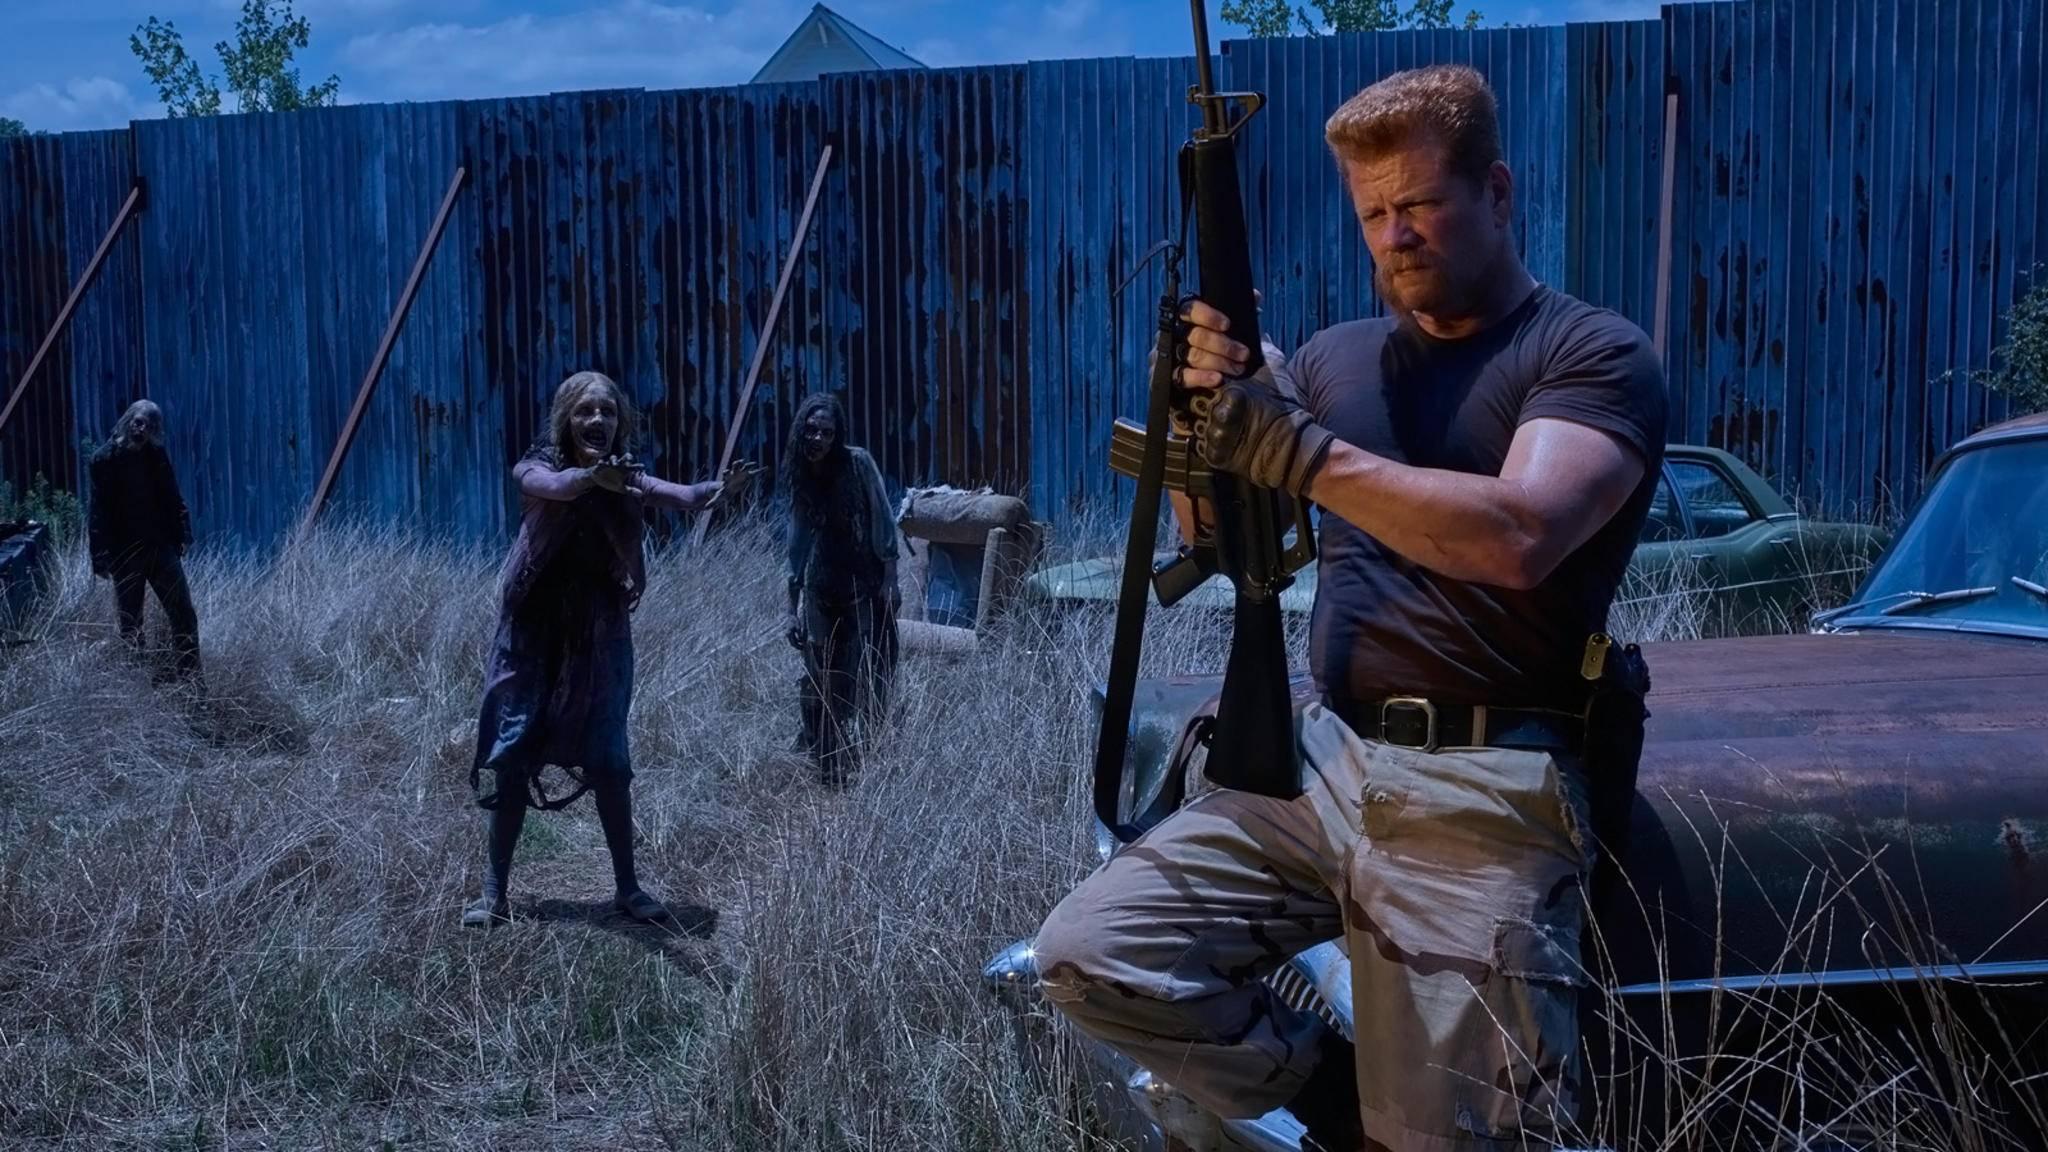 Bereit zum Kampf? Michael Cudlitz nimmt es im TWD-Spin-off erneut mit Zombies auf.